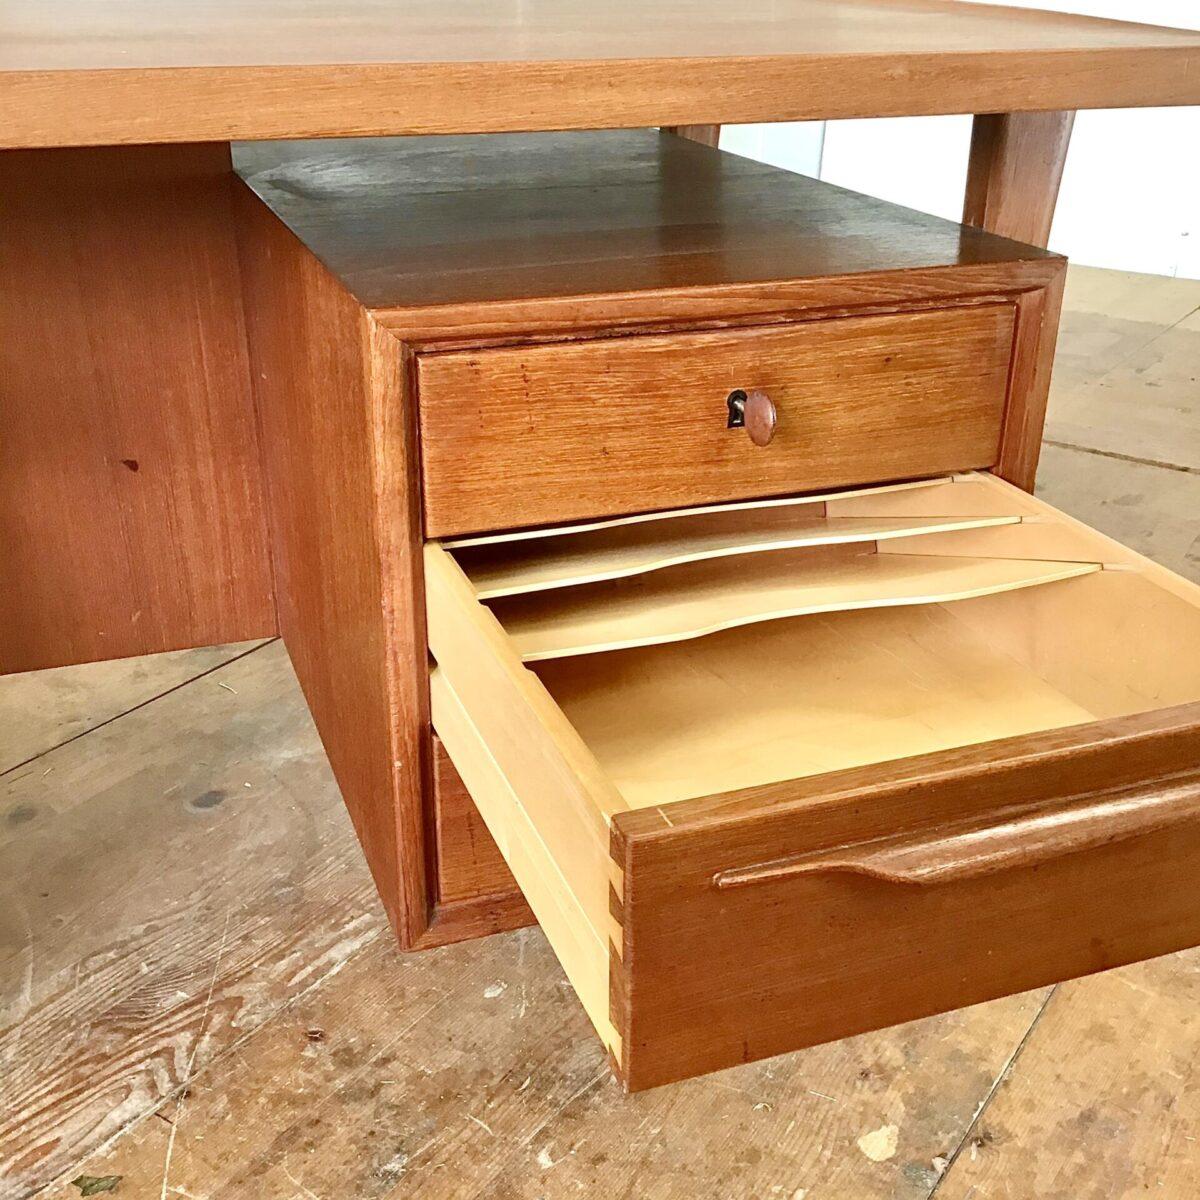 Schreibtisch mit Schubladen von Swiss Teak. 160x80cm Höhe 73cm. Das Tischblatt hat eine leicht geschwungene Grundform, die beiden Stirnseiten sind etwas noch oben gewölbt. Die Schubladen mit den schönen Griffen sind teilweise abschliessbar. Auf der Hinterseite des Tisches hat es ein Ablagefach und ist eigentlich ein Tablar vorgesehen, welches aber fehlt. Da würde sich aber auf Wunsch etwas machen lassen. Der Tisch ist in einem guten Allgemeinzustand, abgesehen von ein paar kleineren altersbedingten hicken und Schrammen.